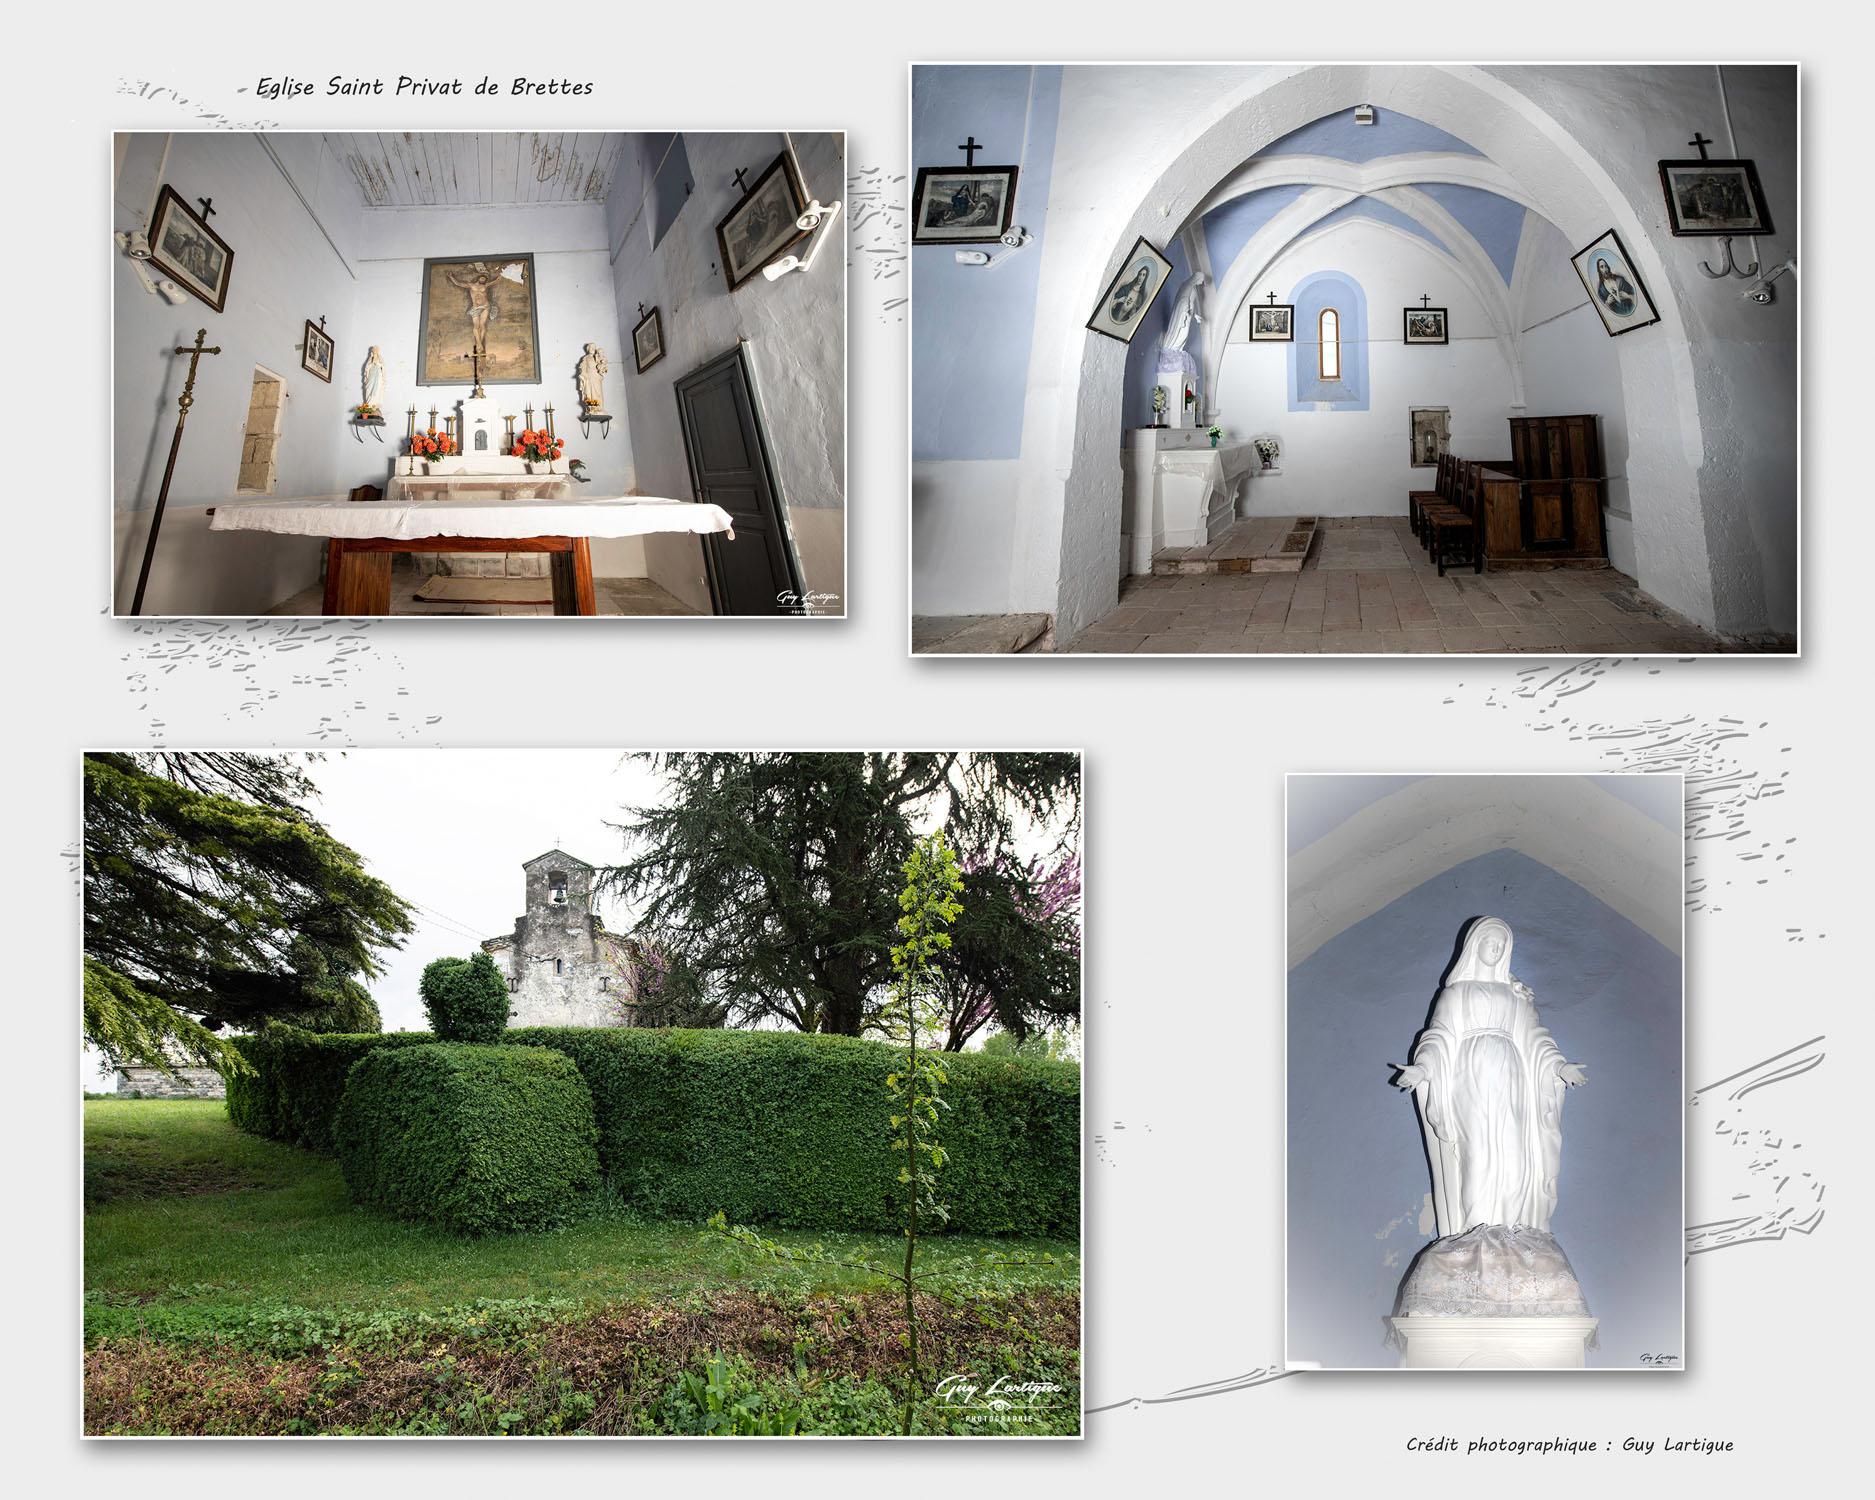 Saint Privat de Brettes (2)